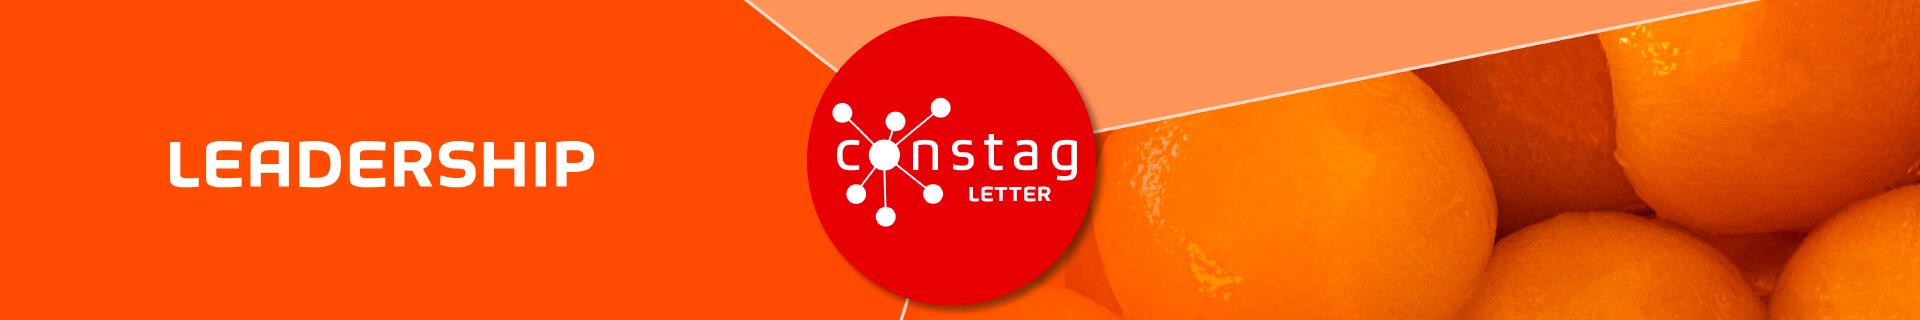 ConstagLETTER Leadership